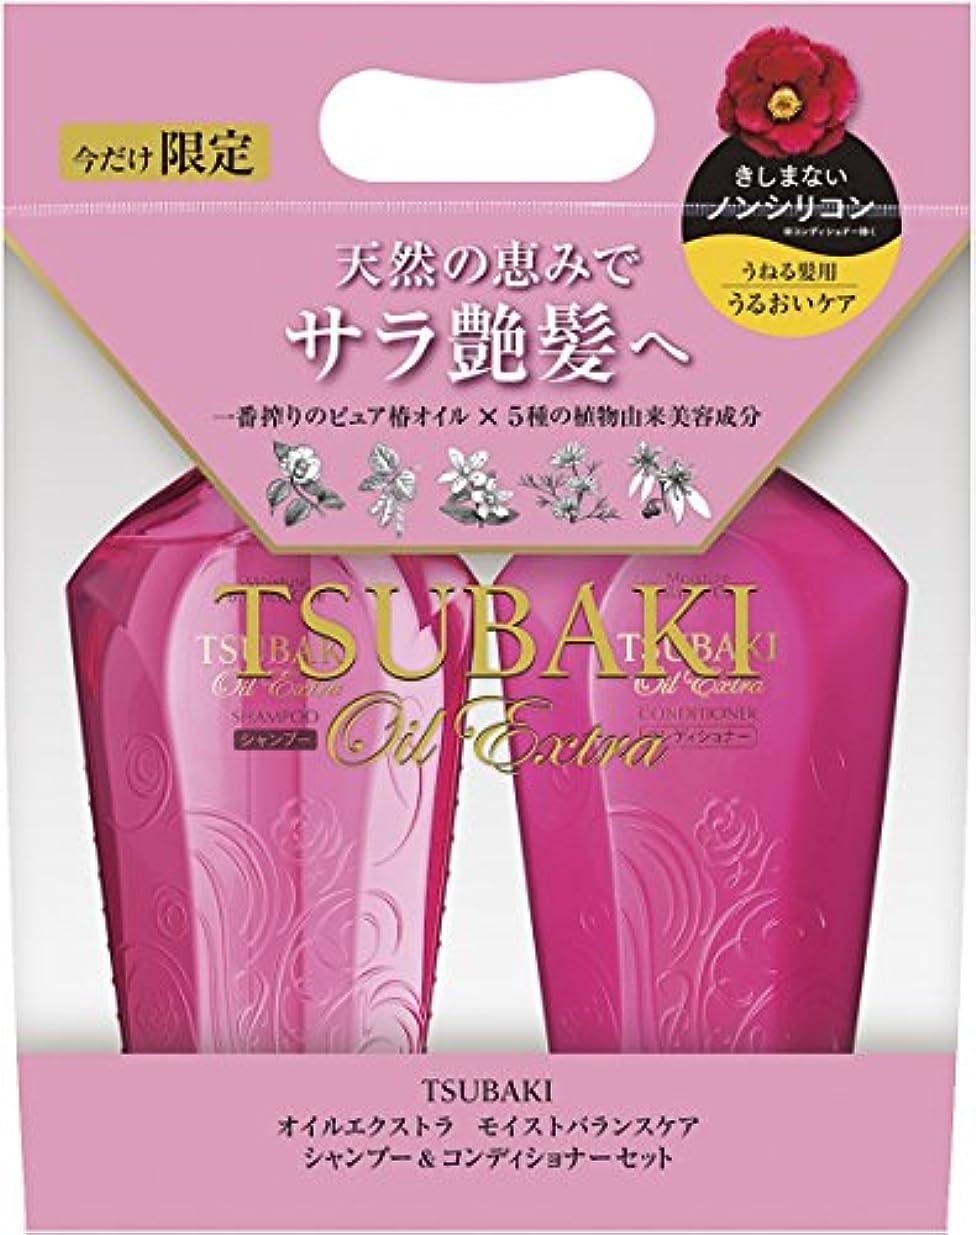 【本体セット】 TSUBAKI オイルエクストラ モイストバランスケア シャンプー 450ml + コンディショナー 450ml (うねる髪用)